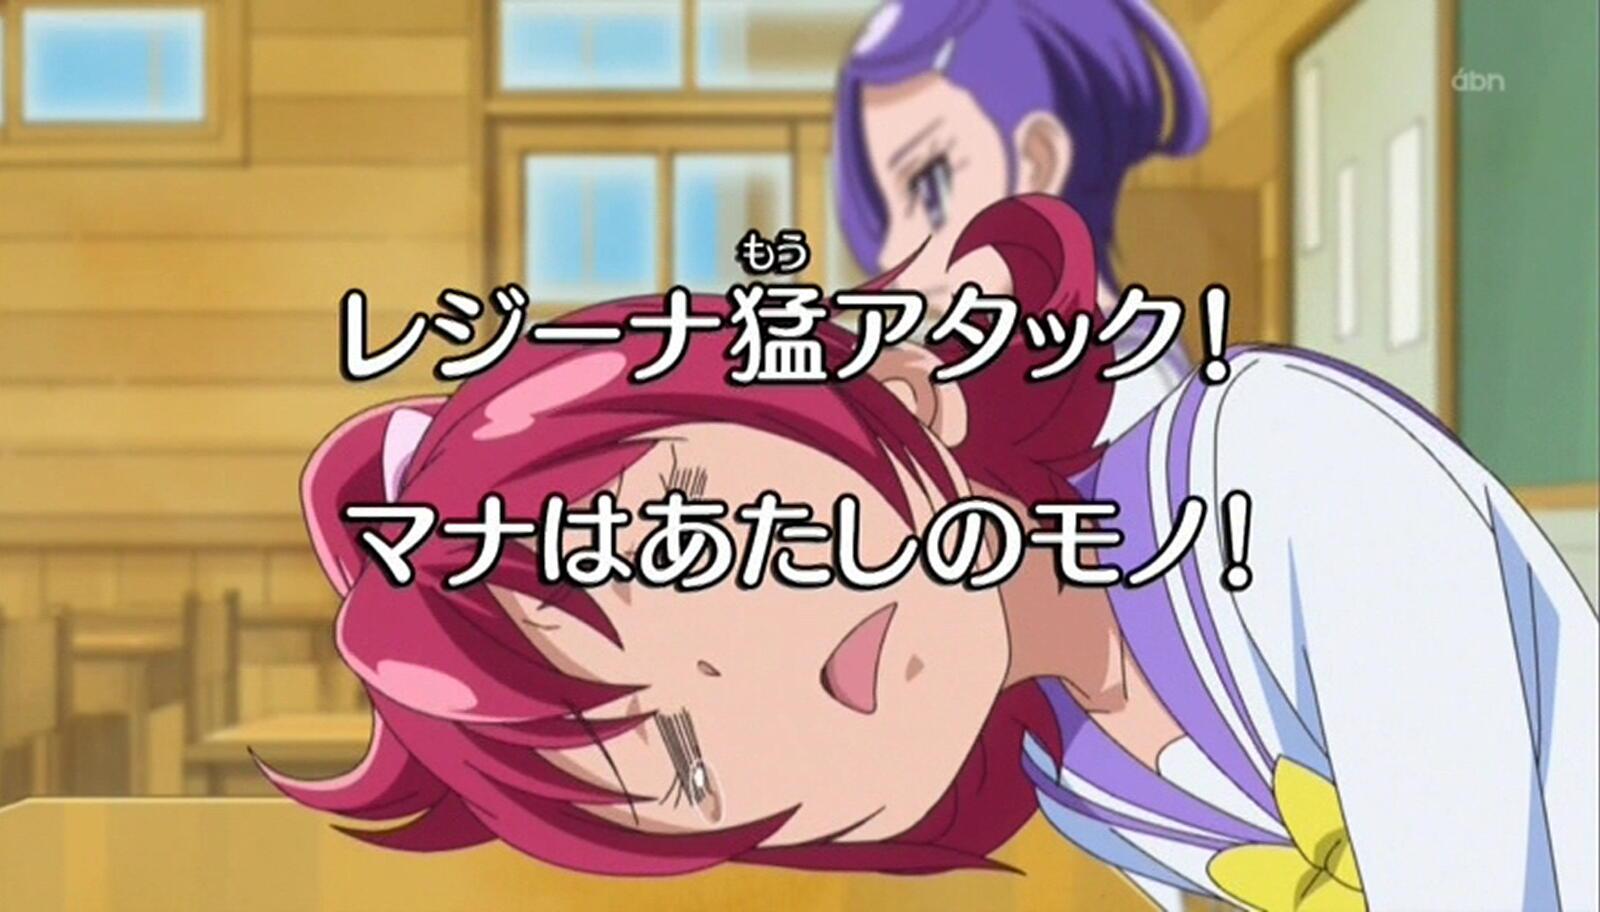 20130512dokipuriyokoku2